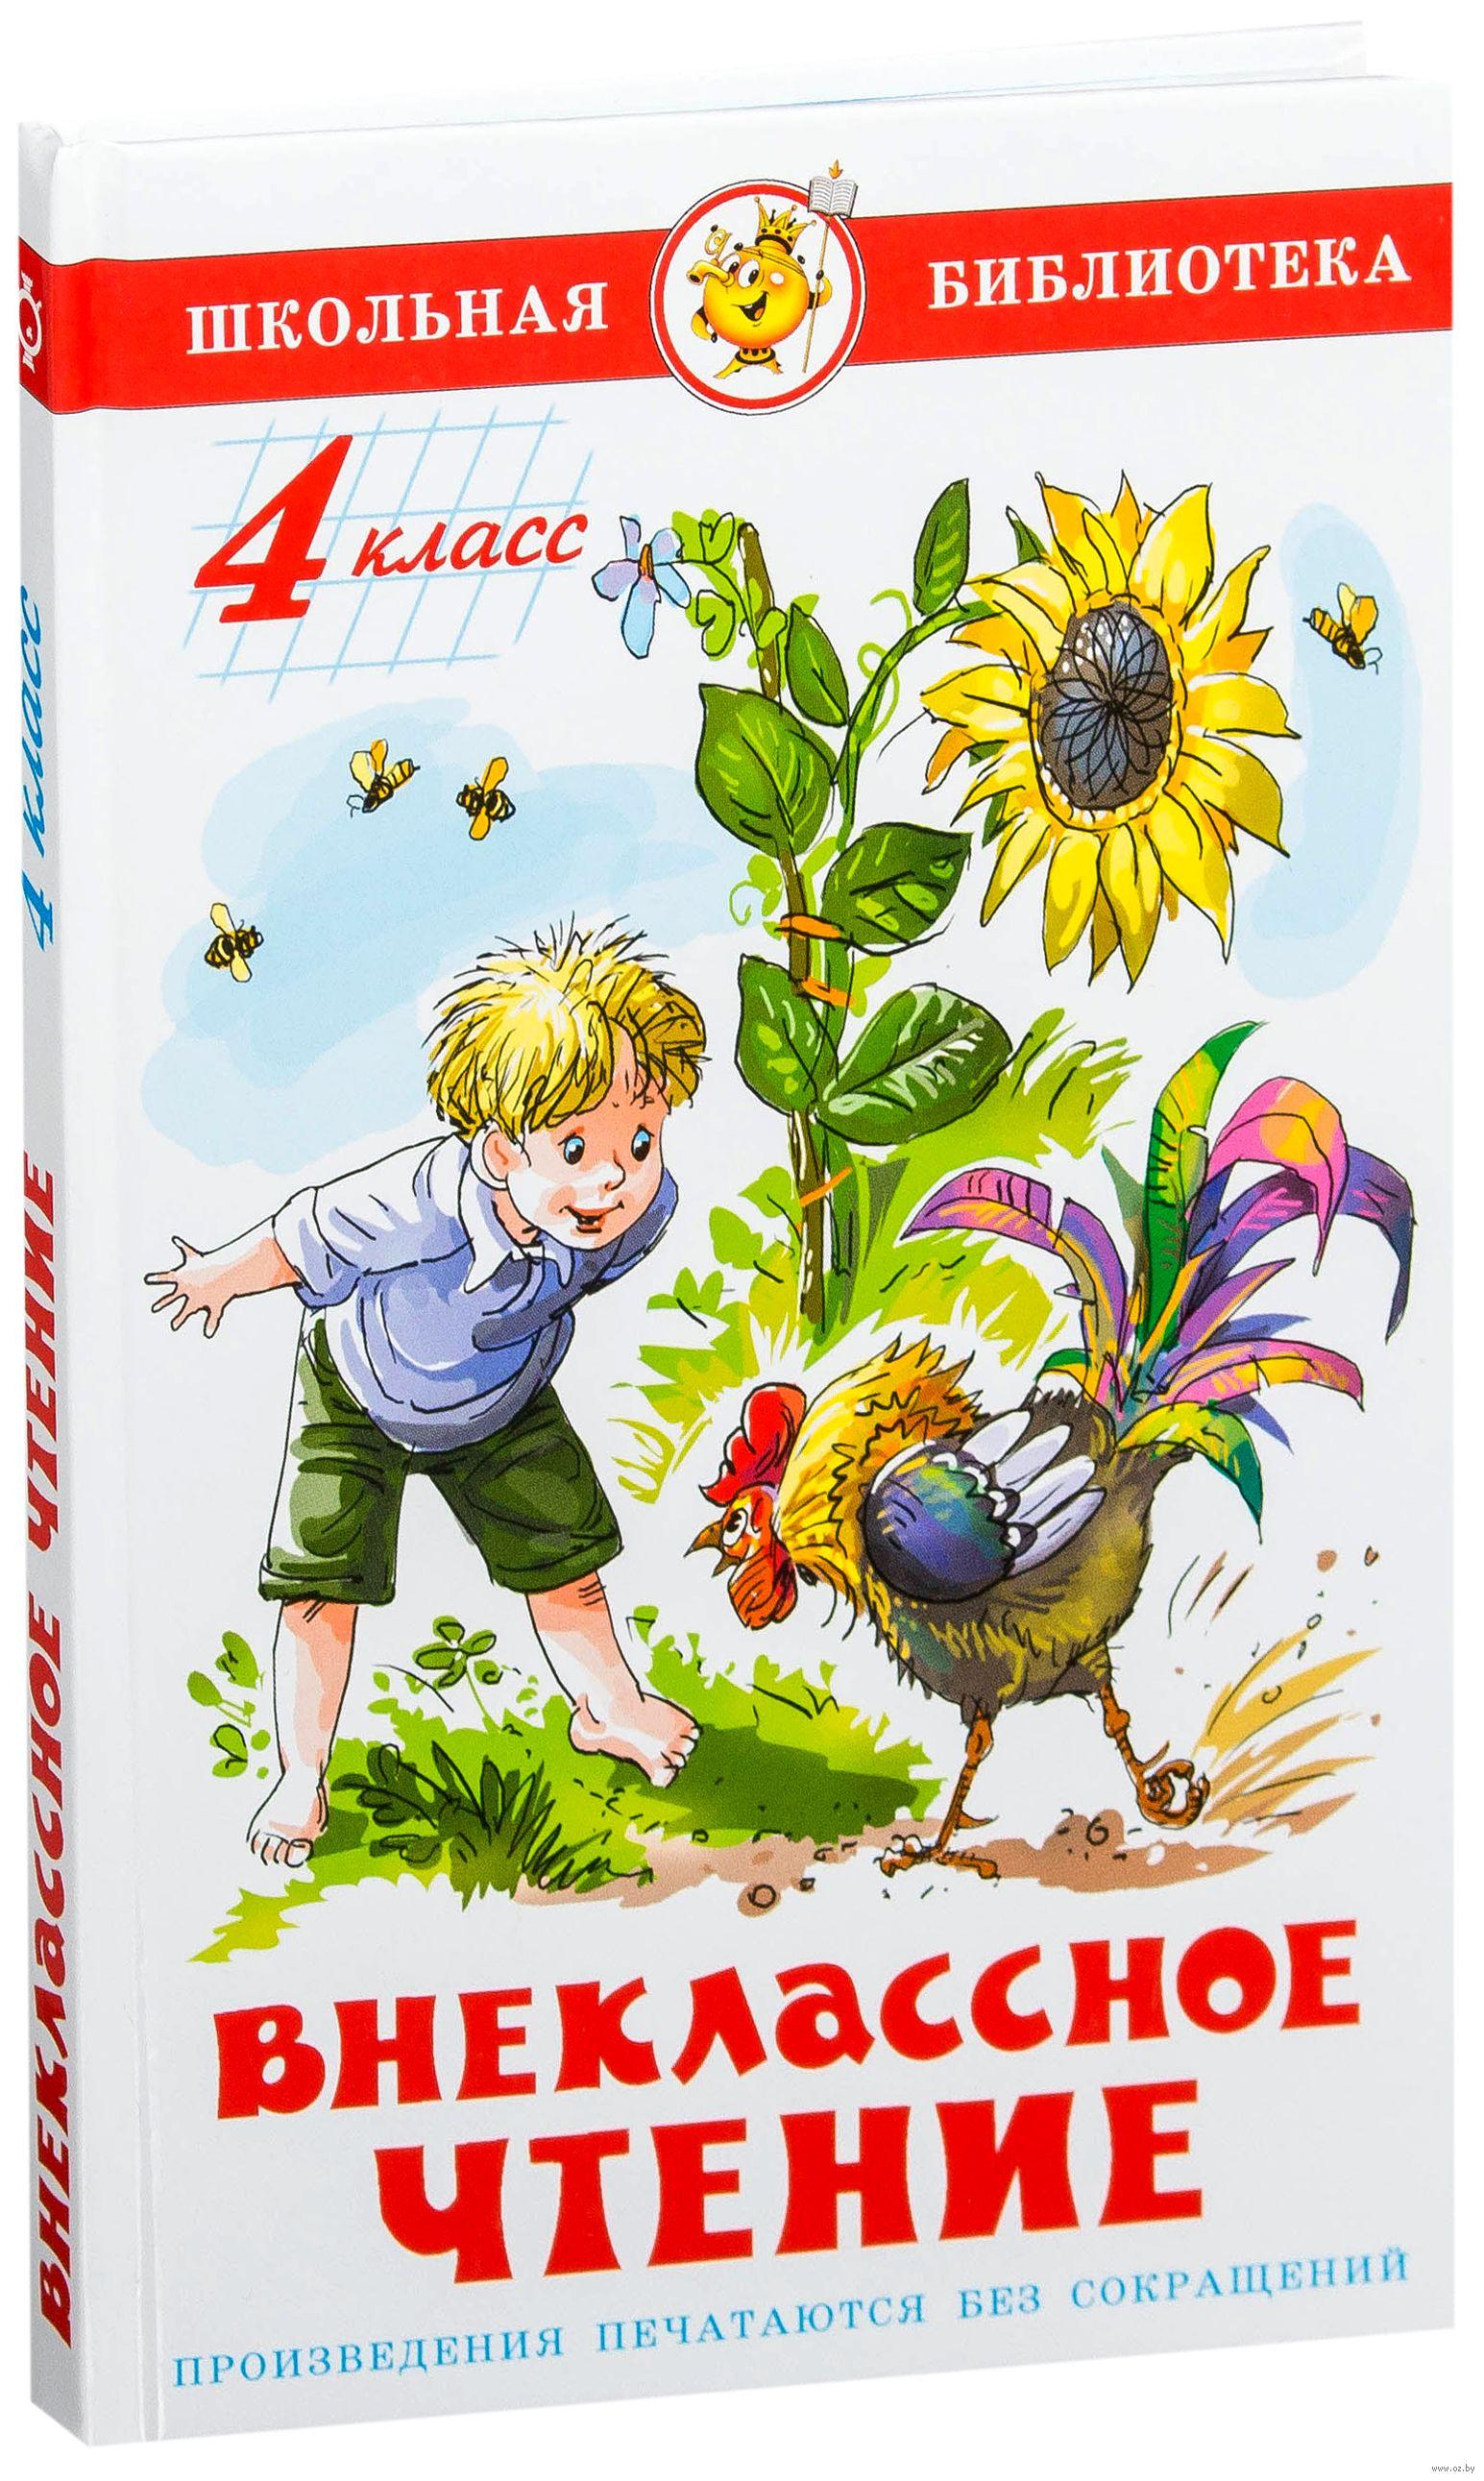 белорусская литература 3 класс внеклассное чтение